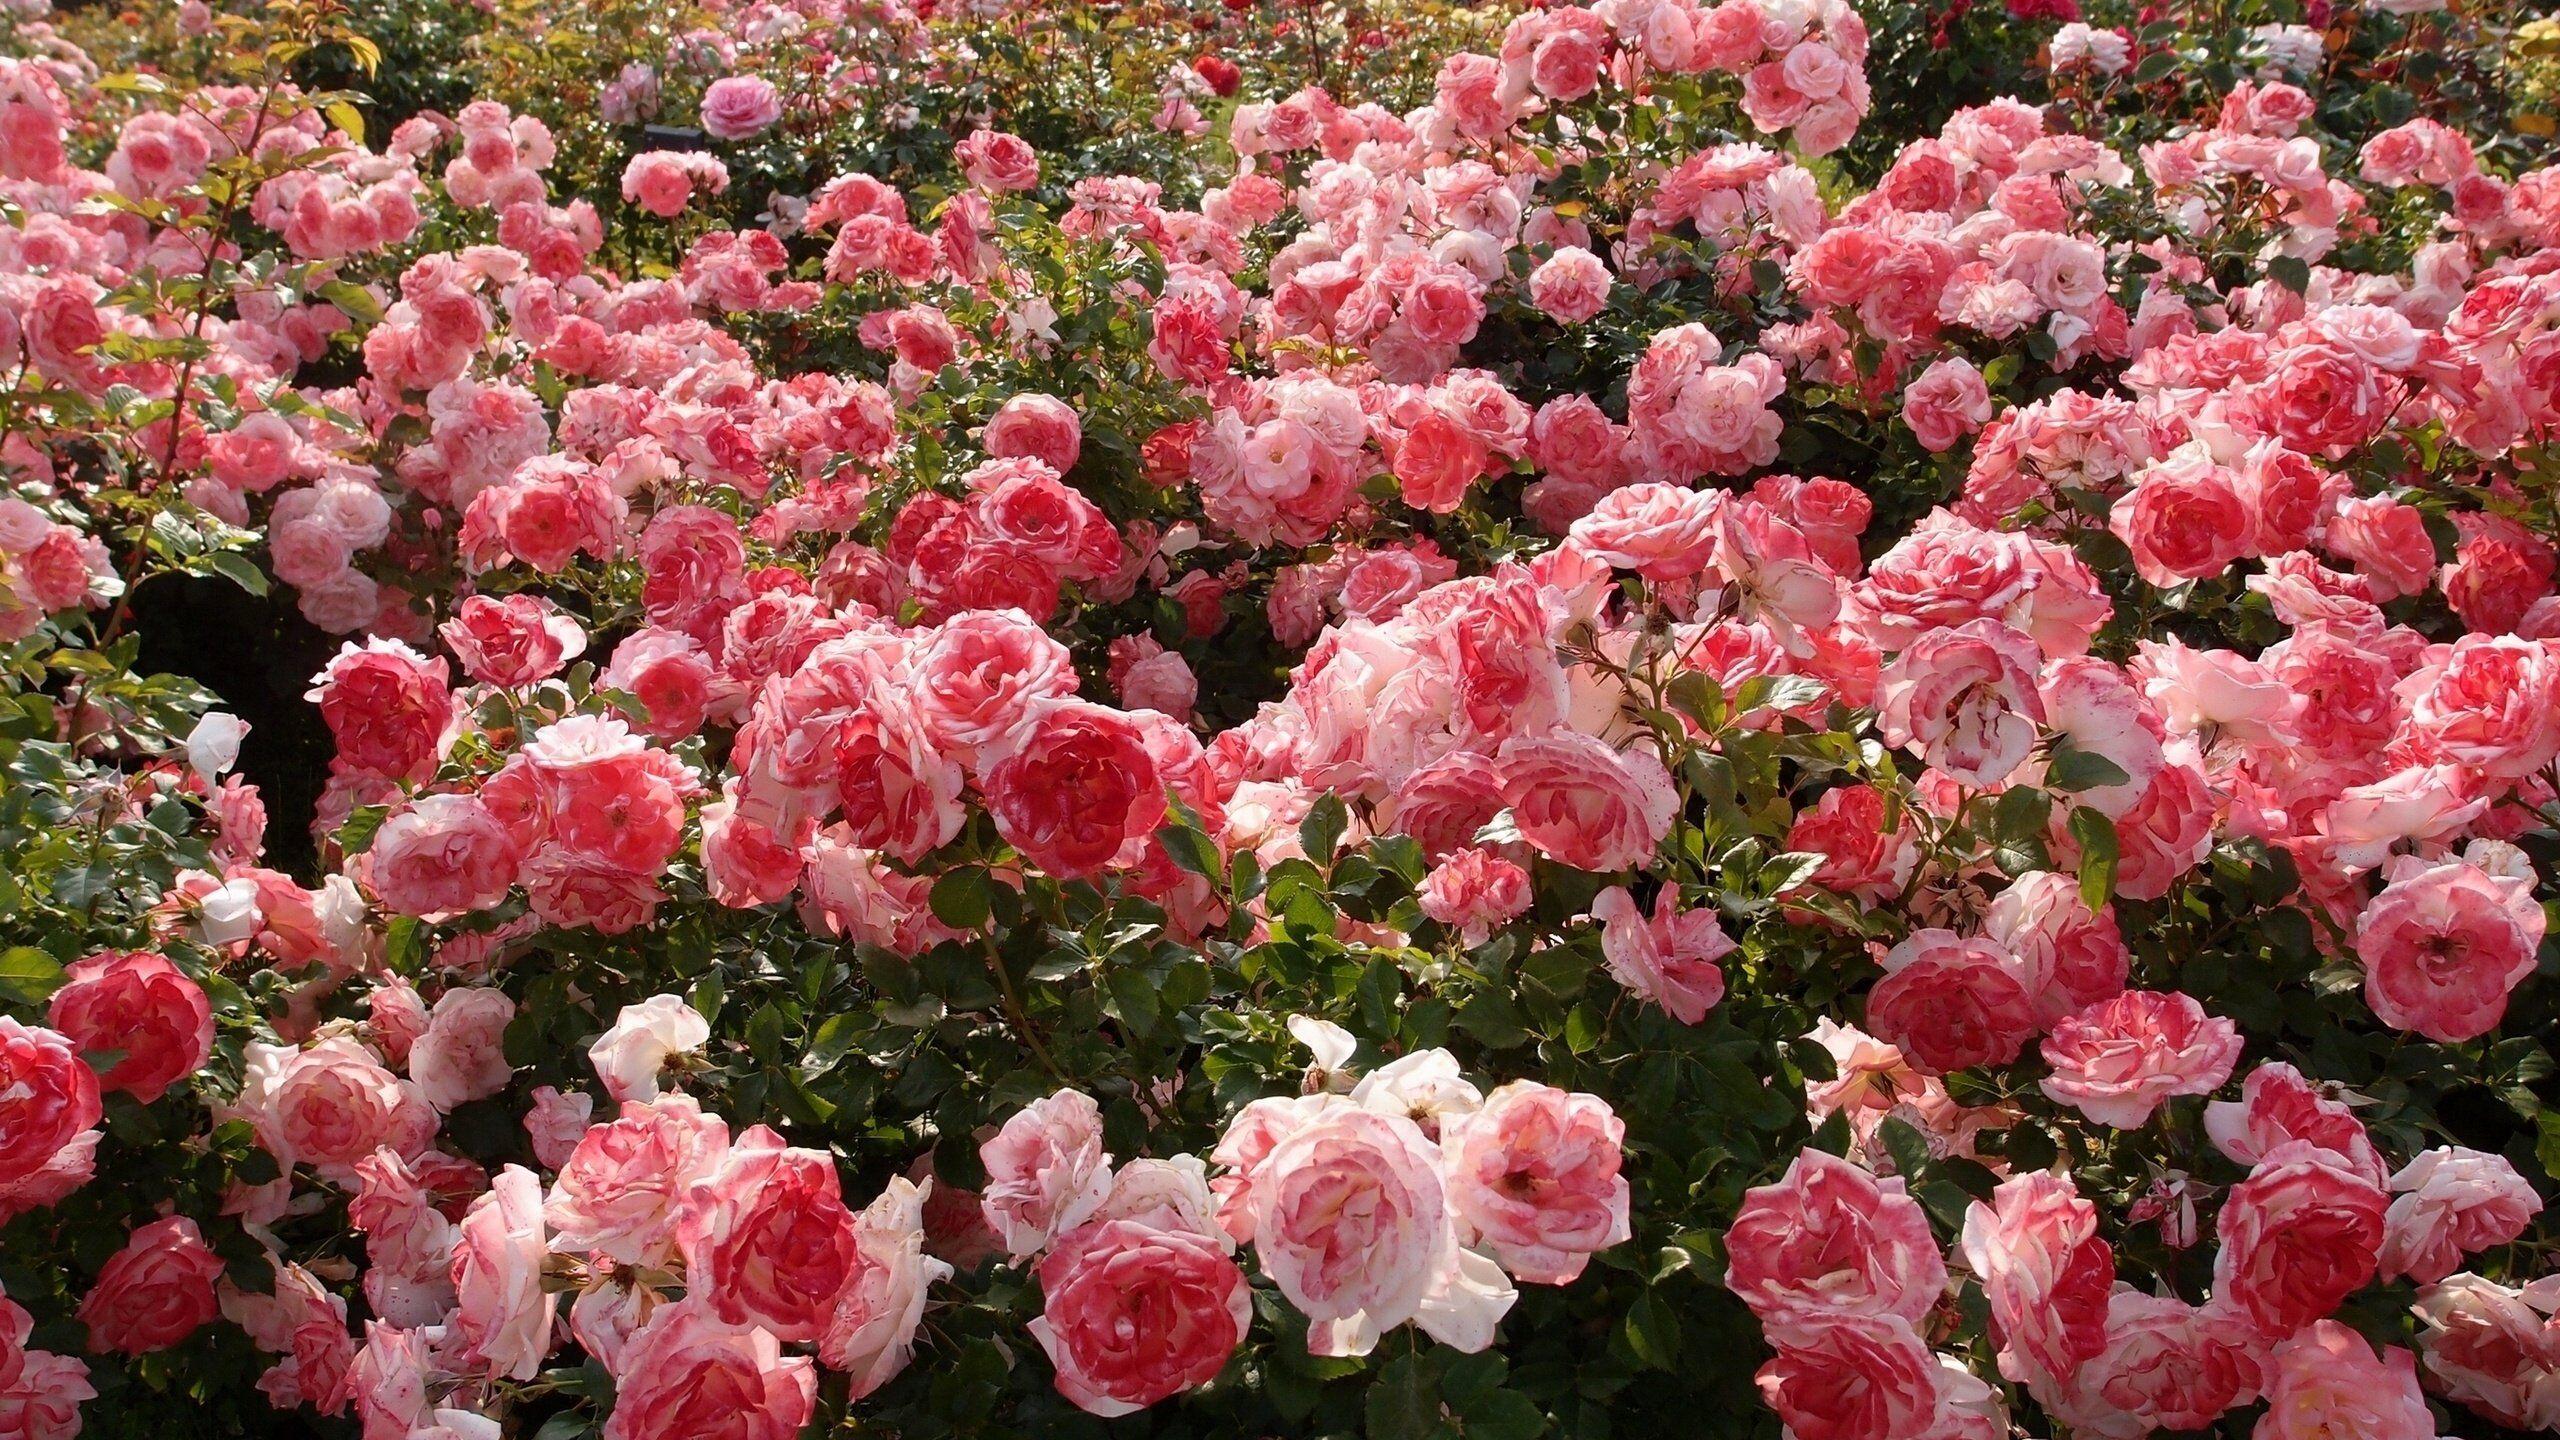 roses wallpaper free